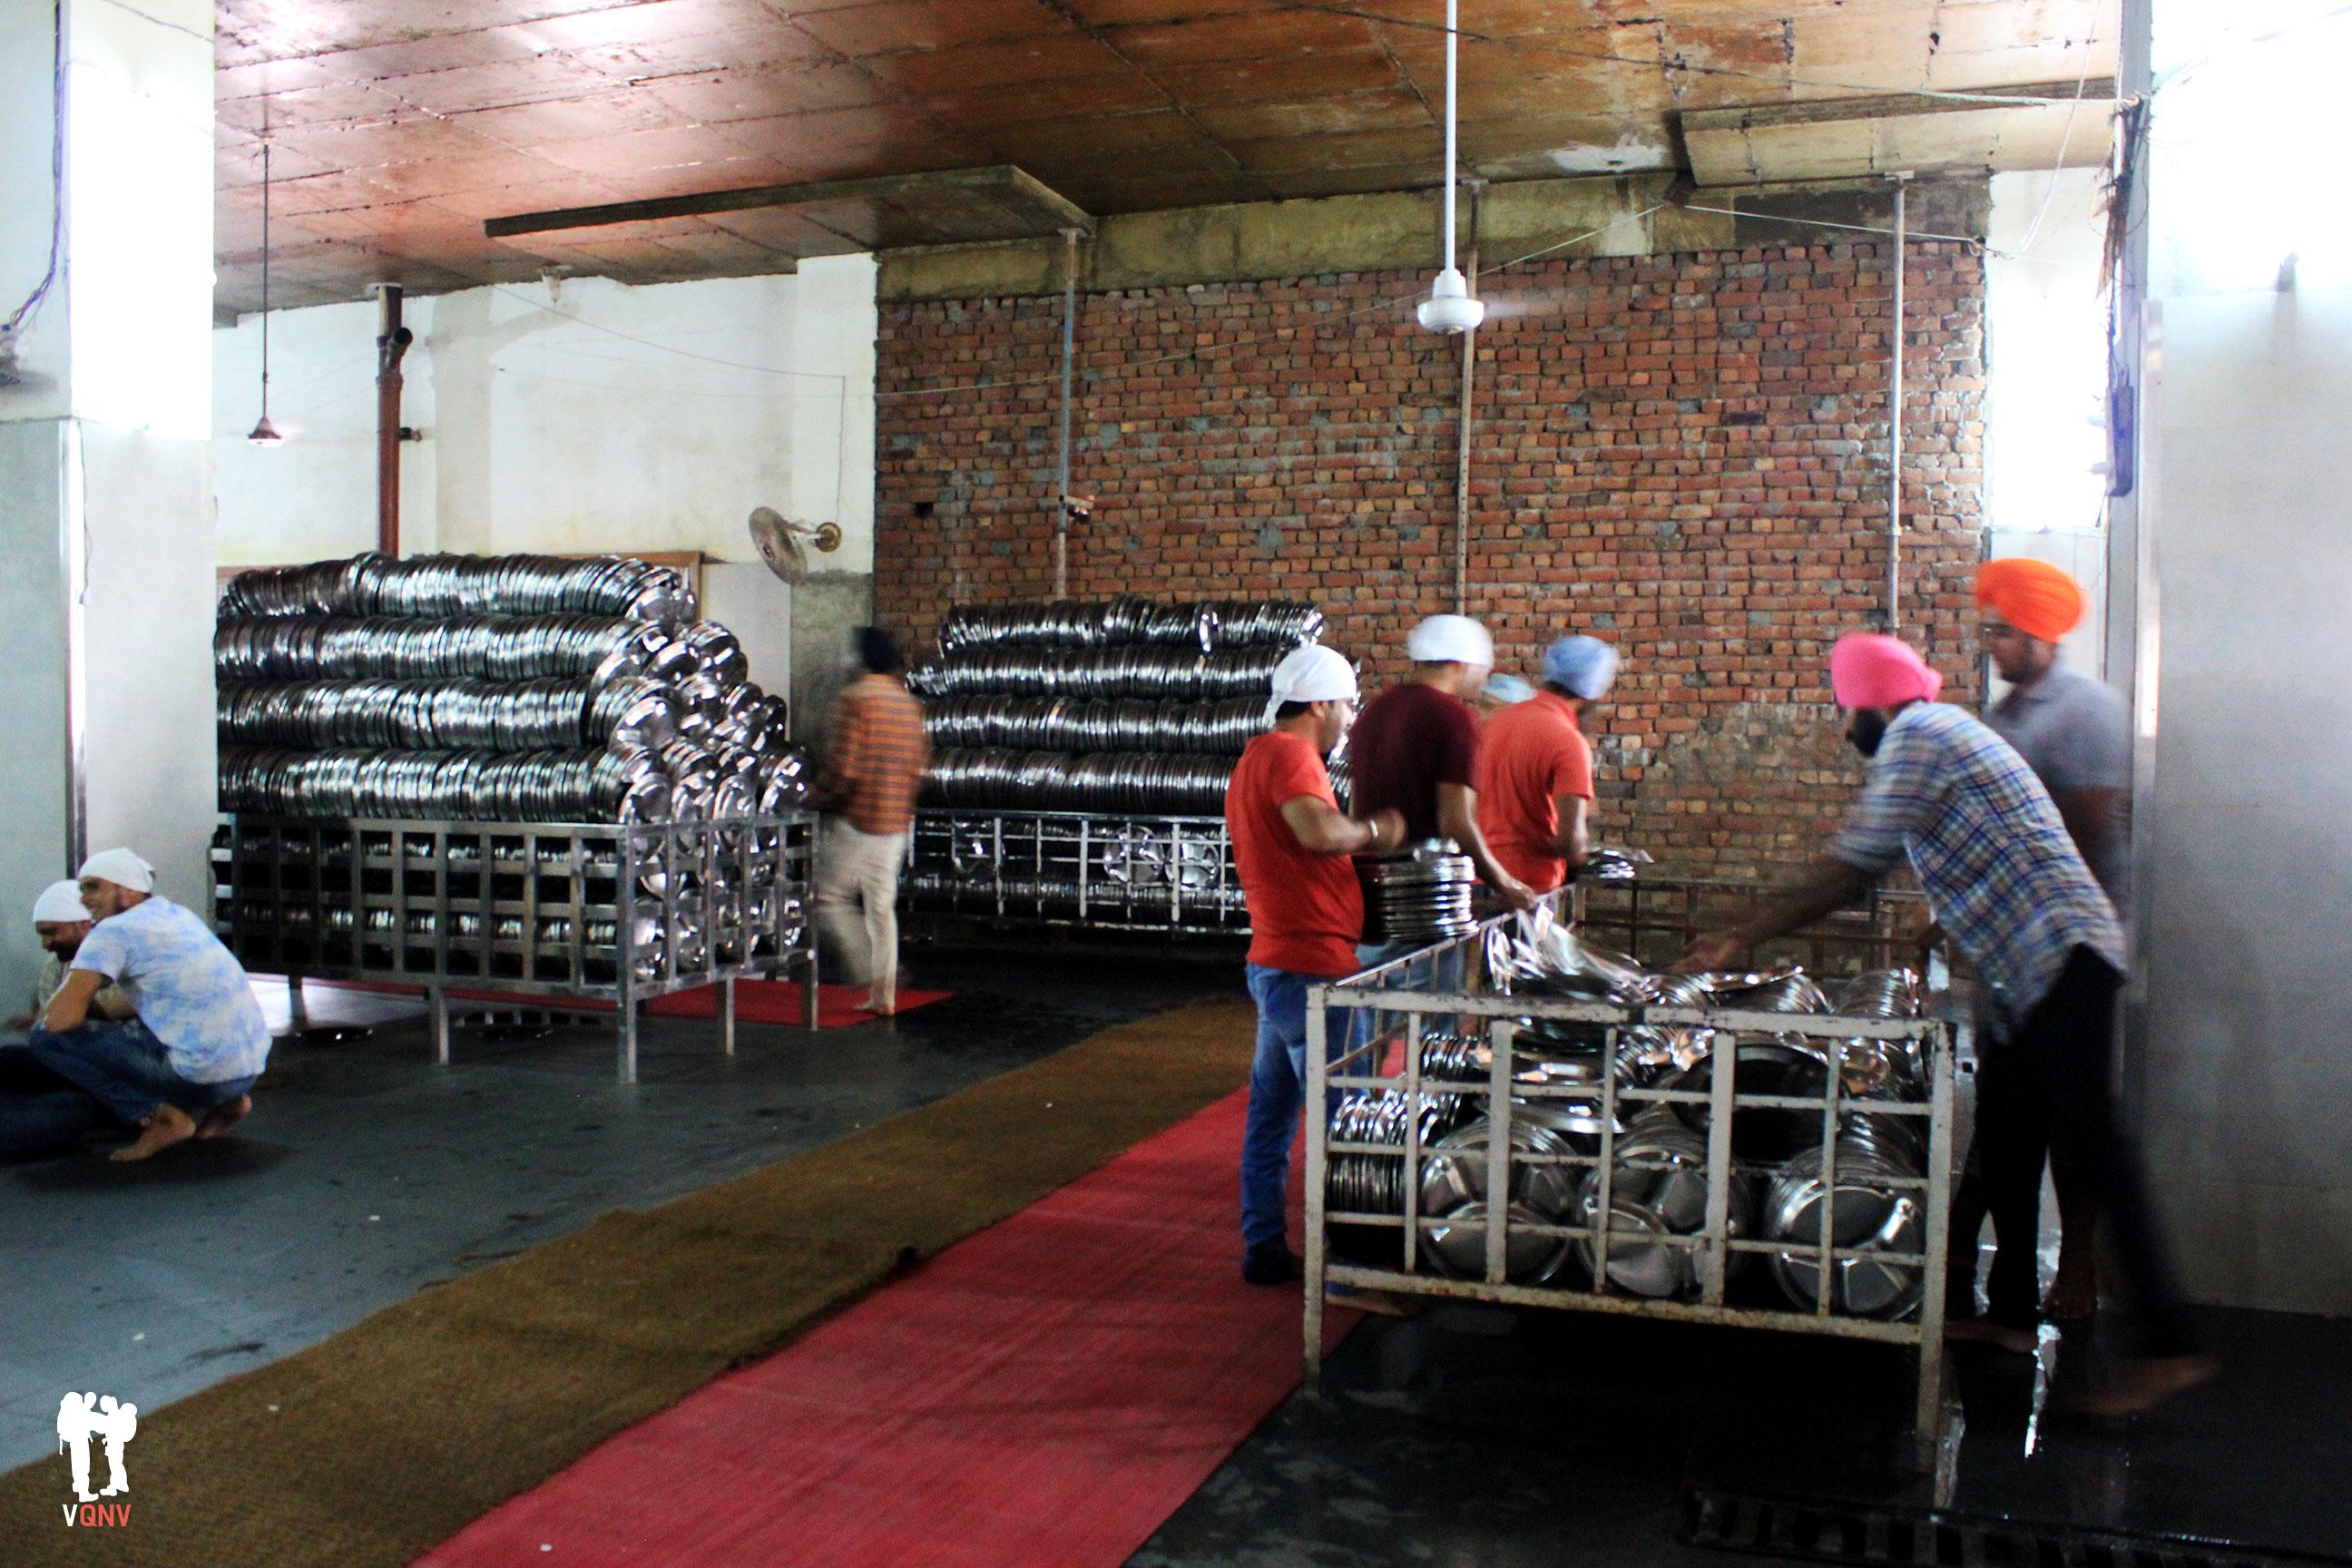 Voluntarios ordenando las bandejas donde se sirve individualmente la comida